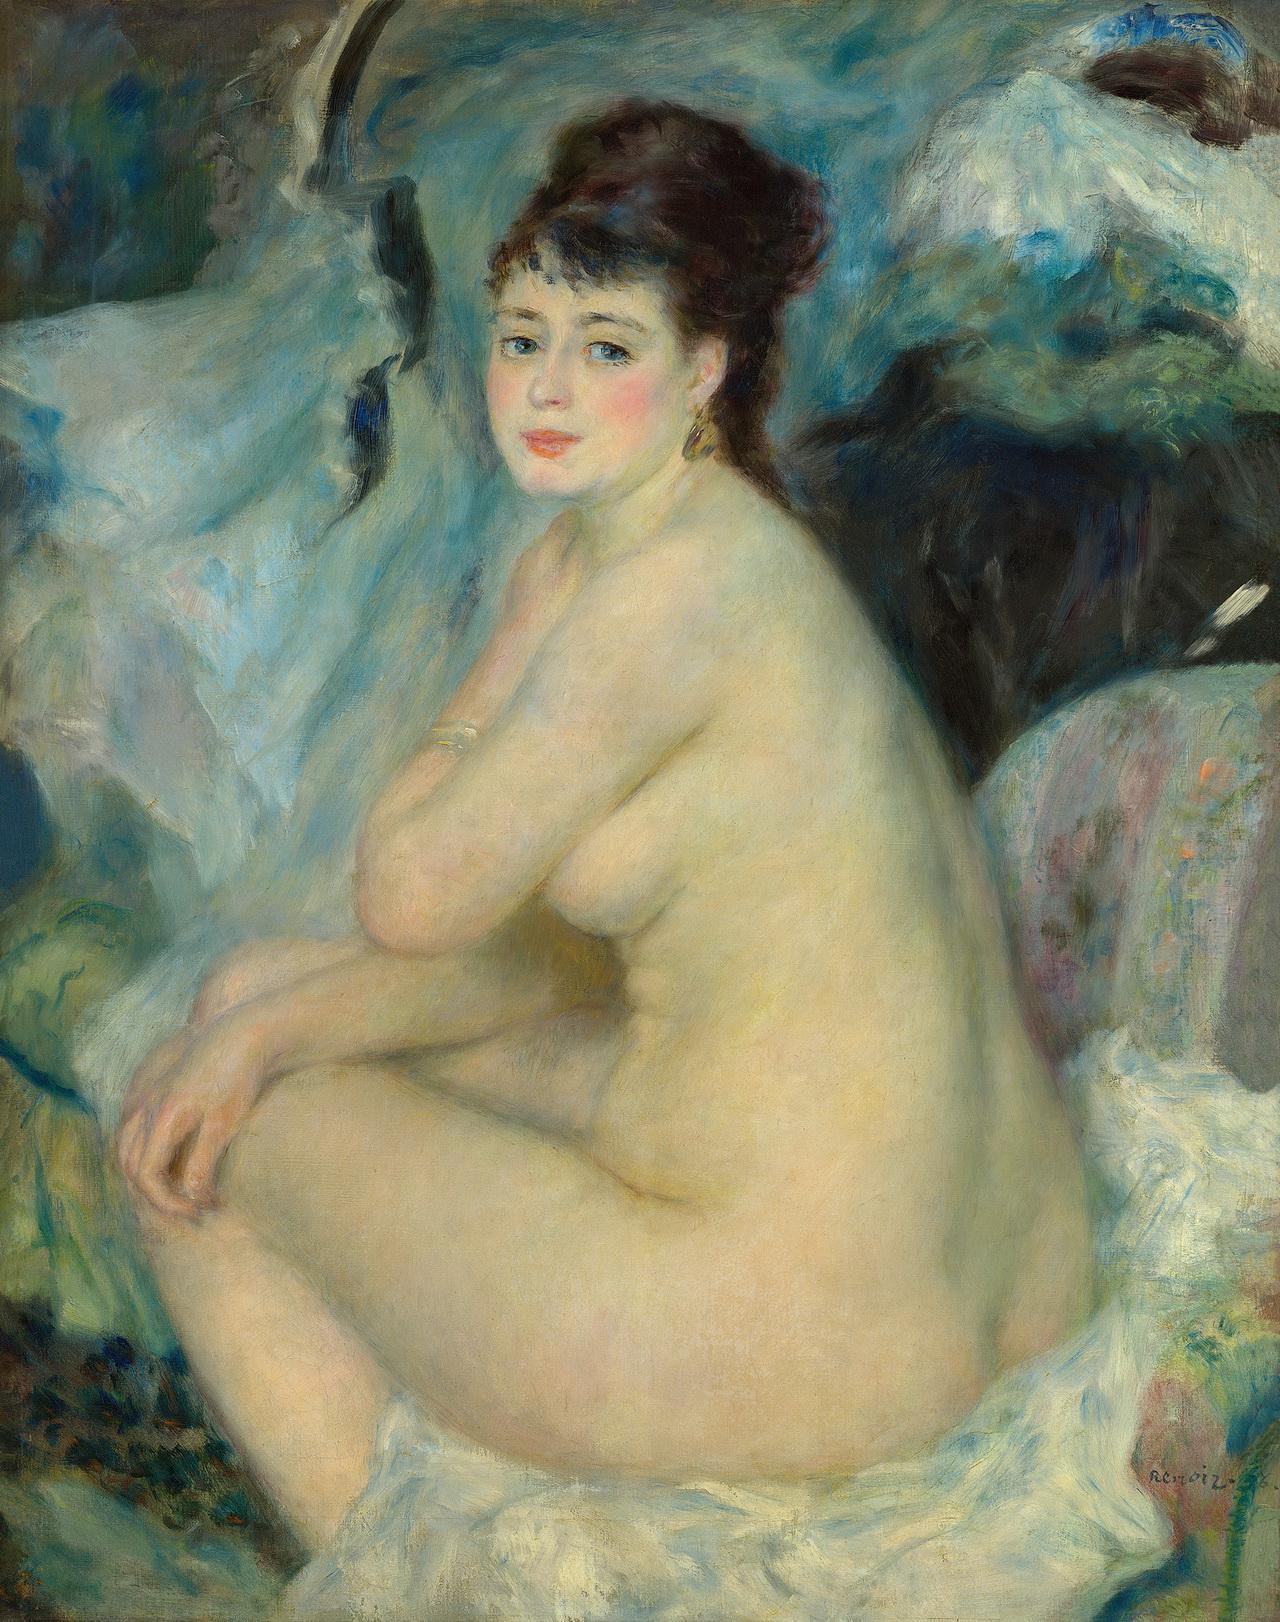 female nude erotica